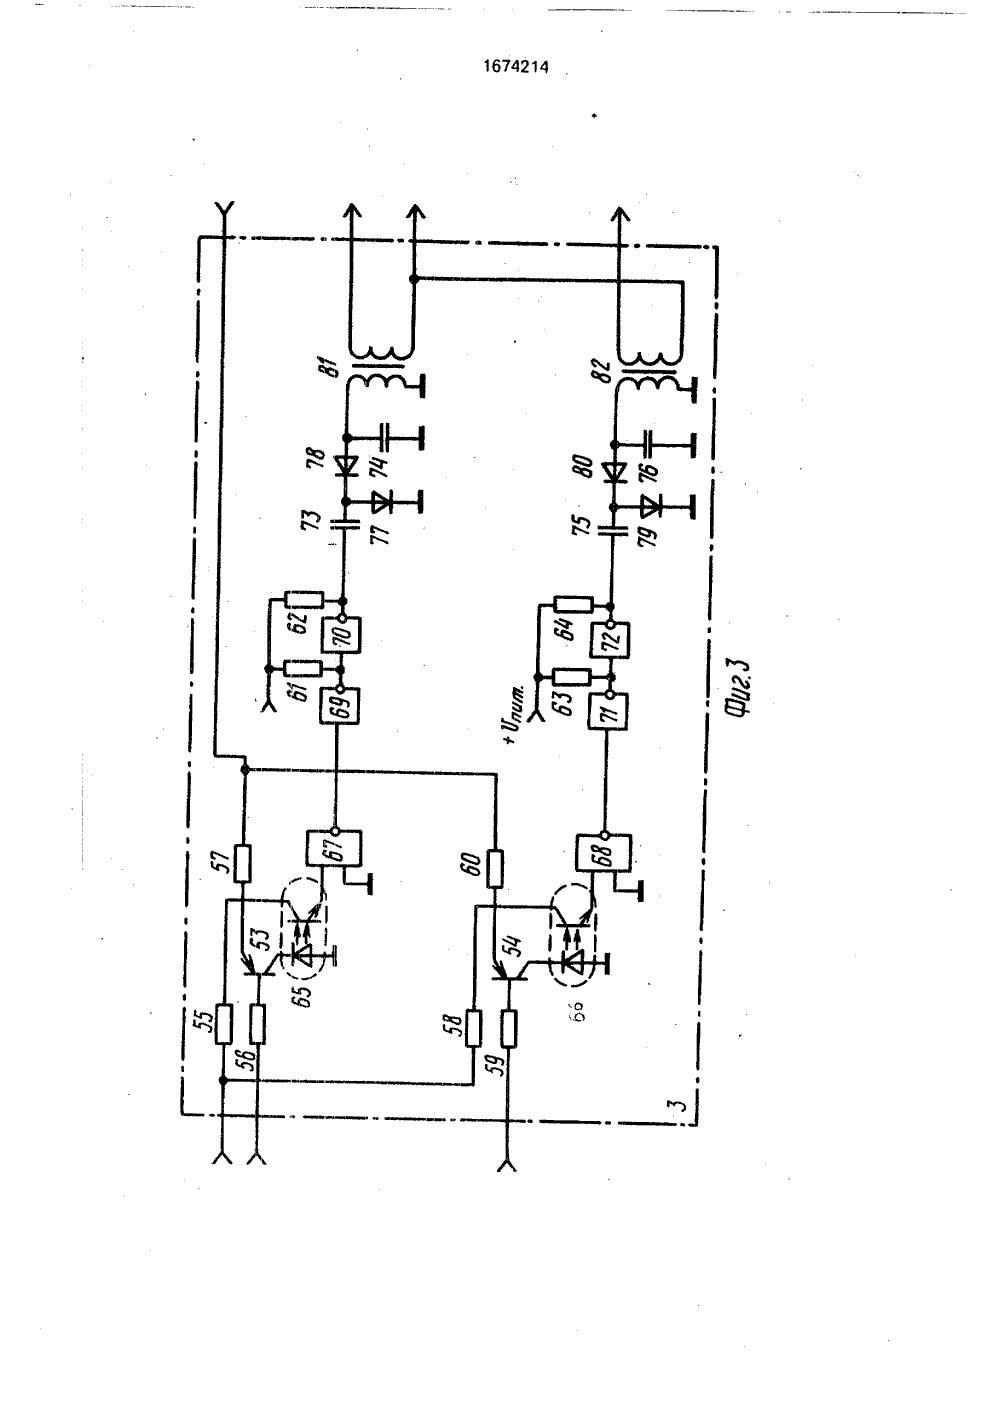 структурная схема светофора